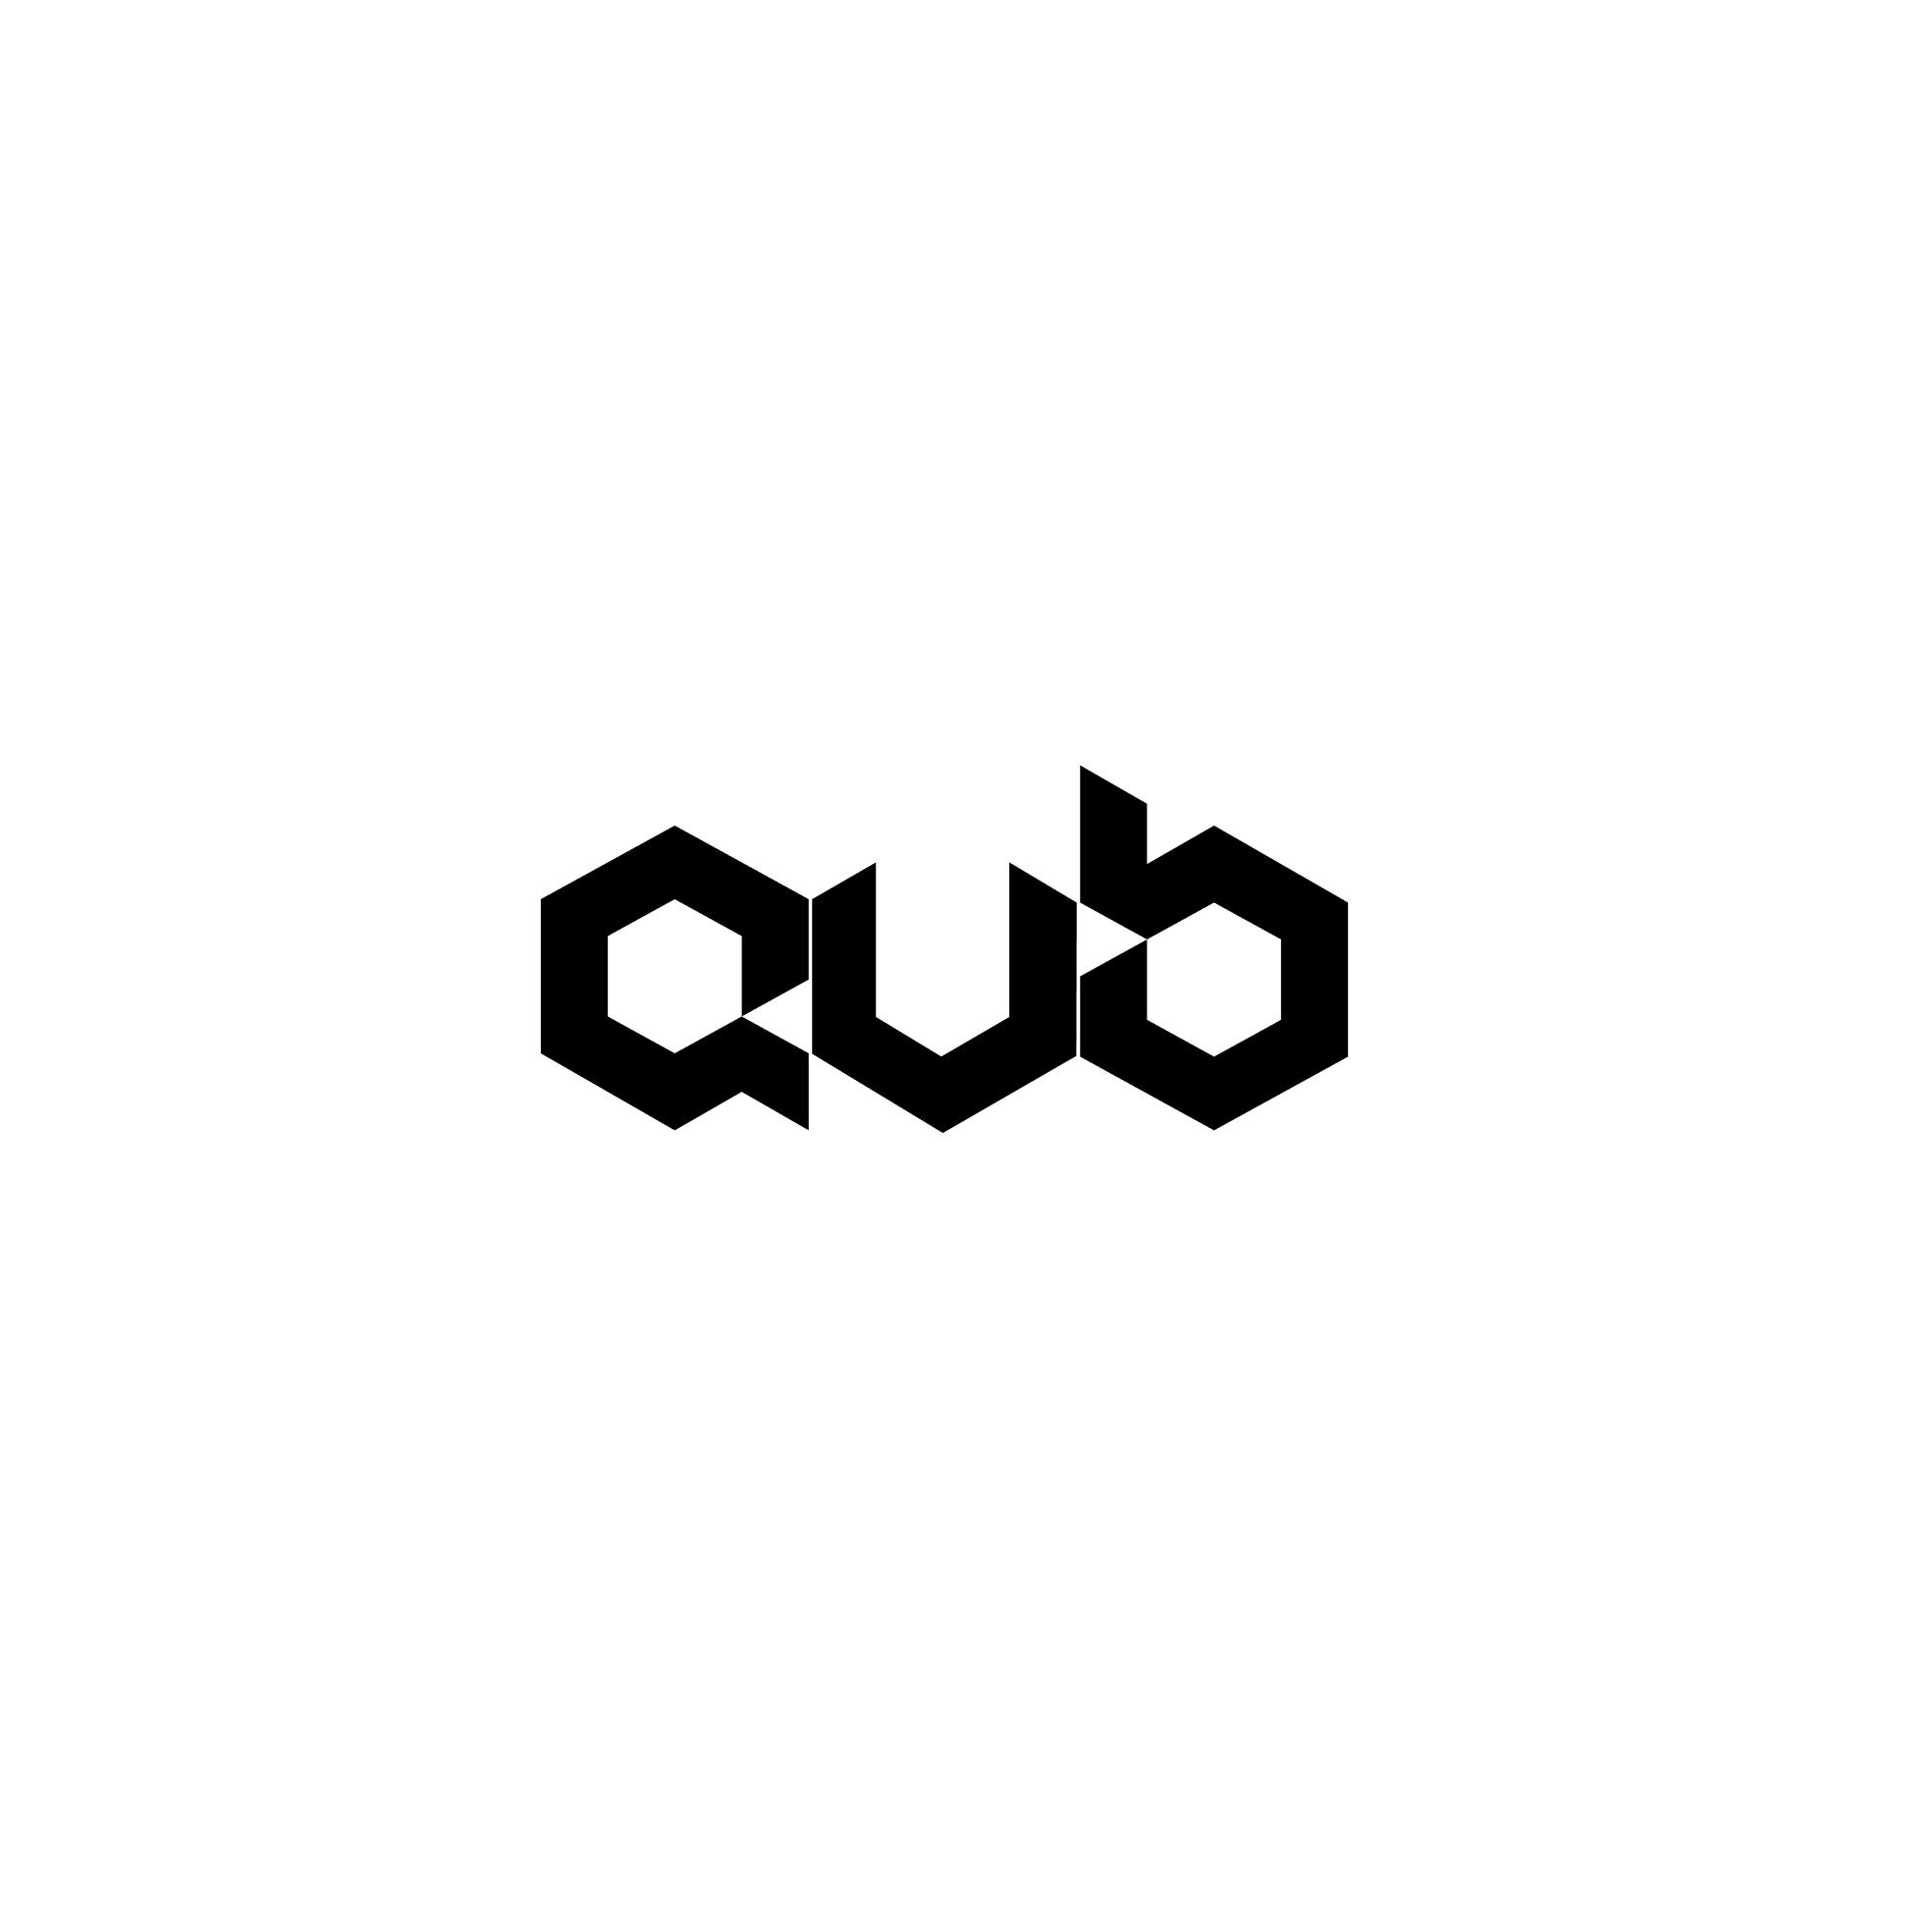 Разработка логотипа и фирменного стиля для ТМ фото f_9375f2358f60e212.png